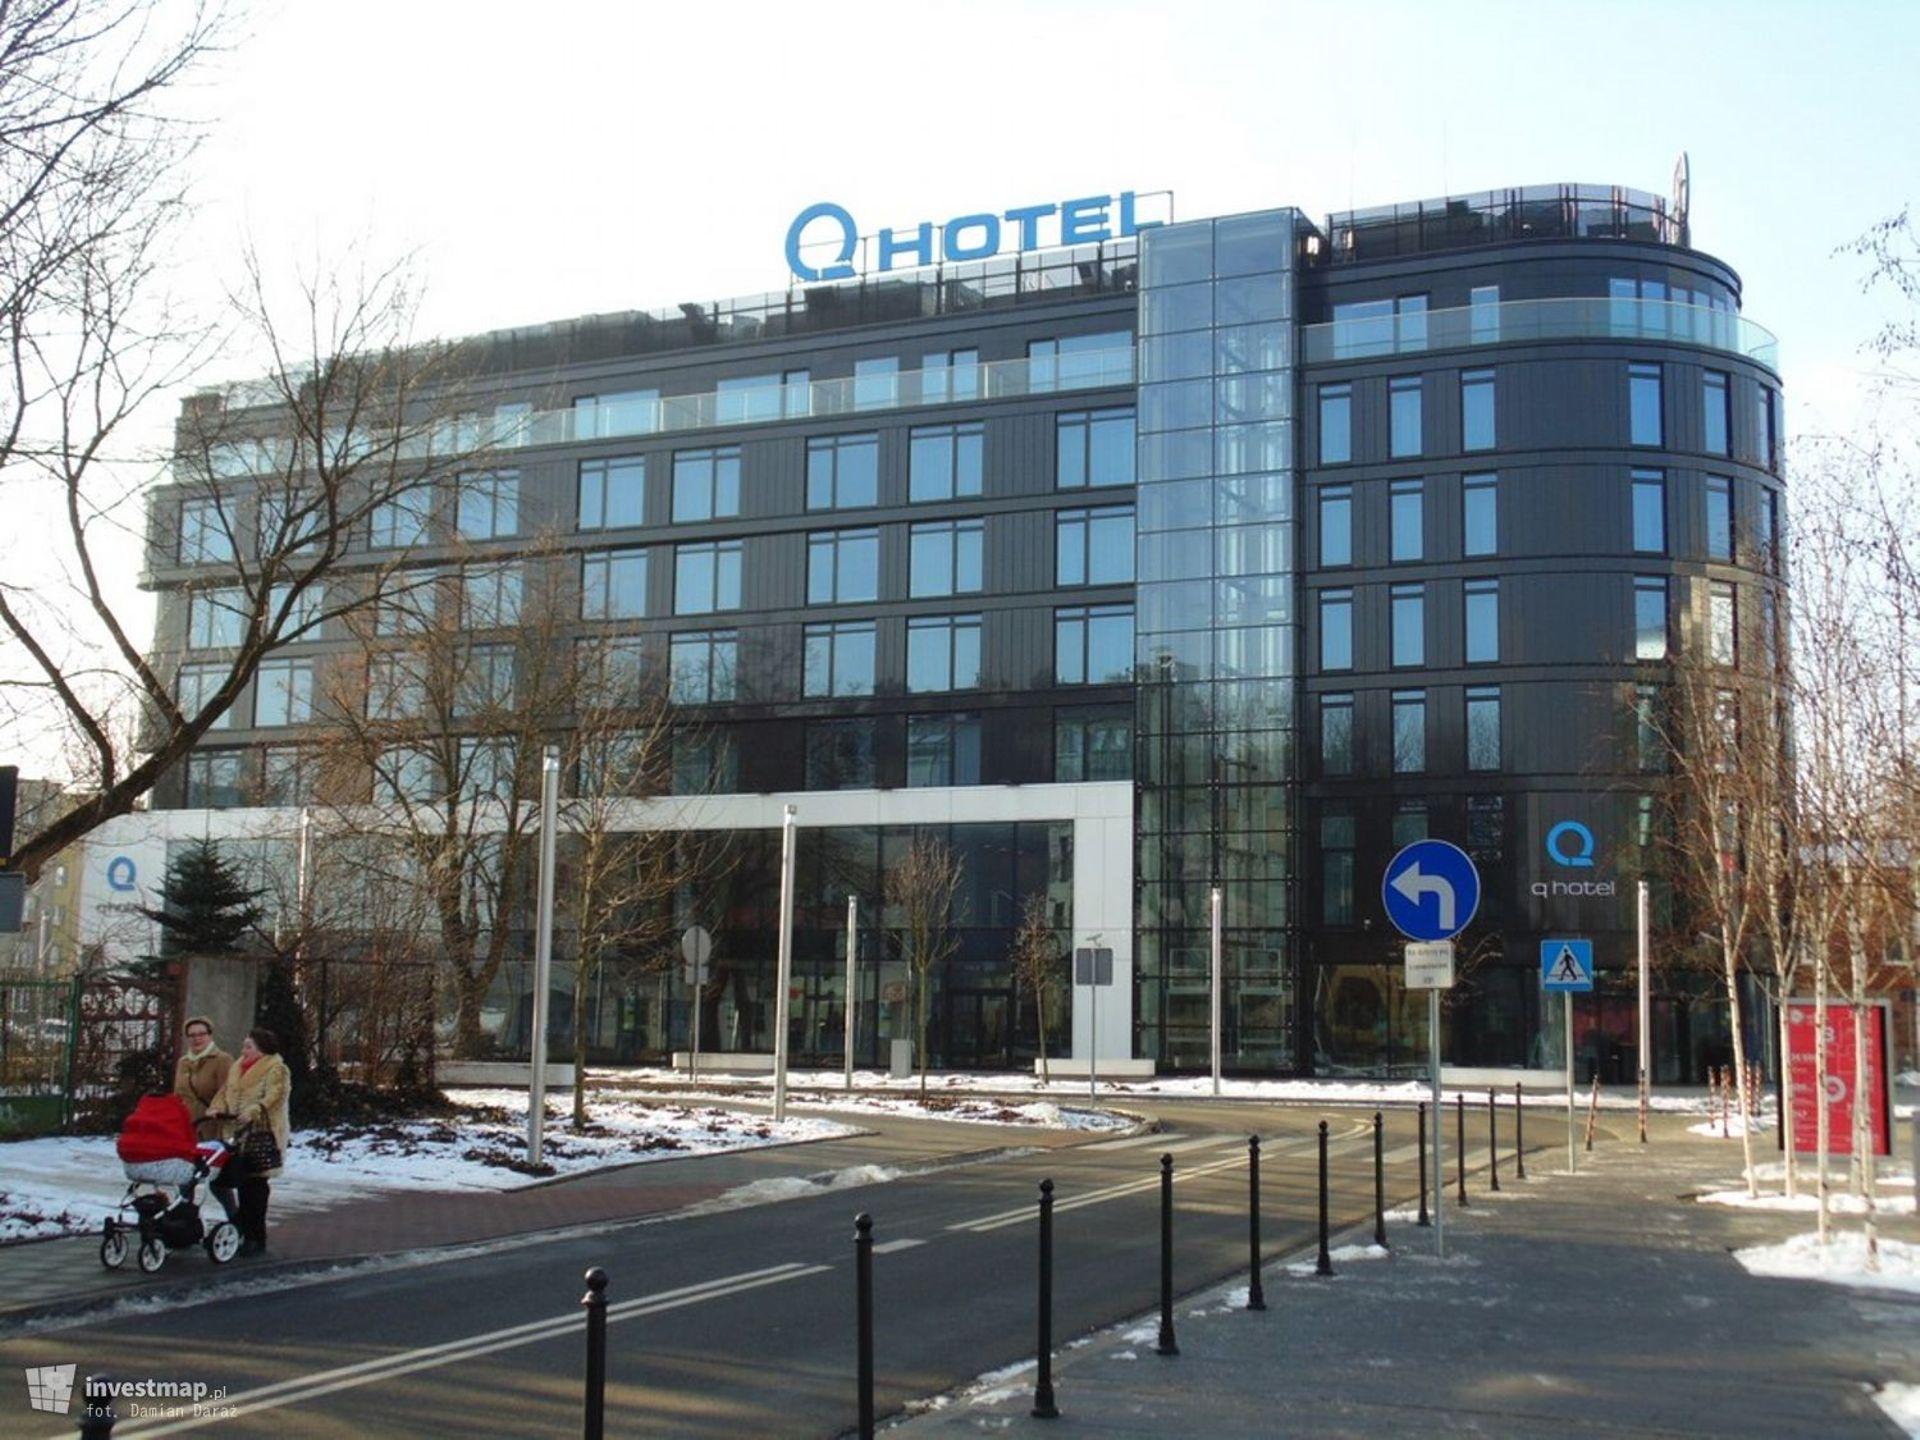 Warszawa: Sieć hotelarska Q Hotel kupiła grunt na Ochocie